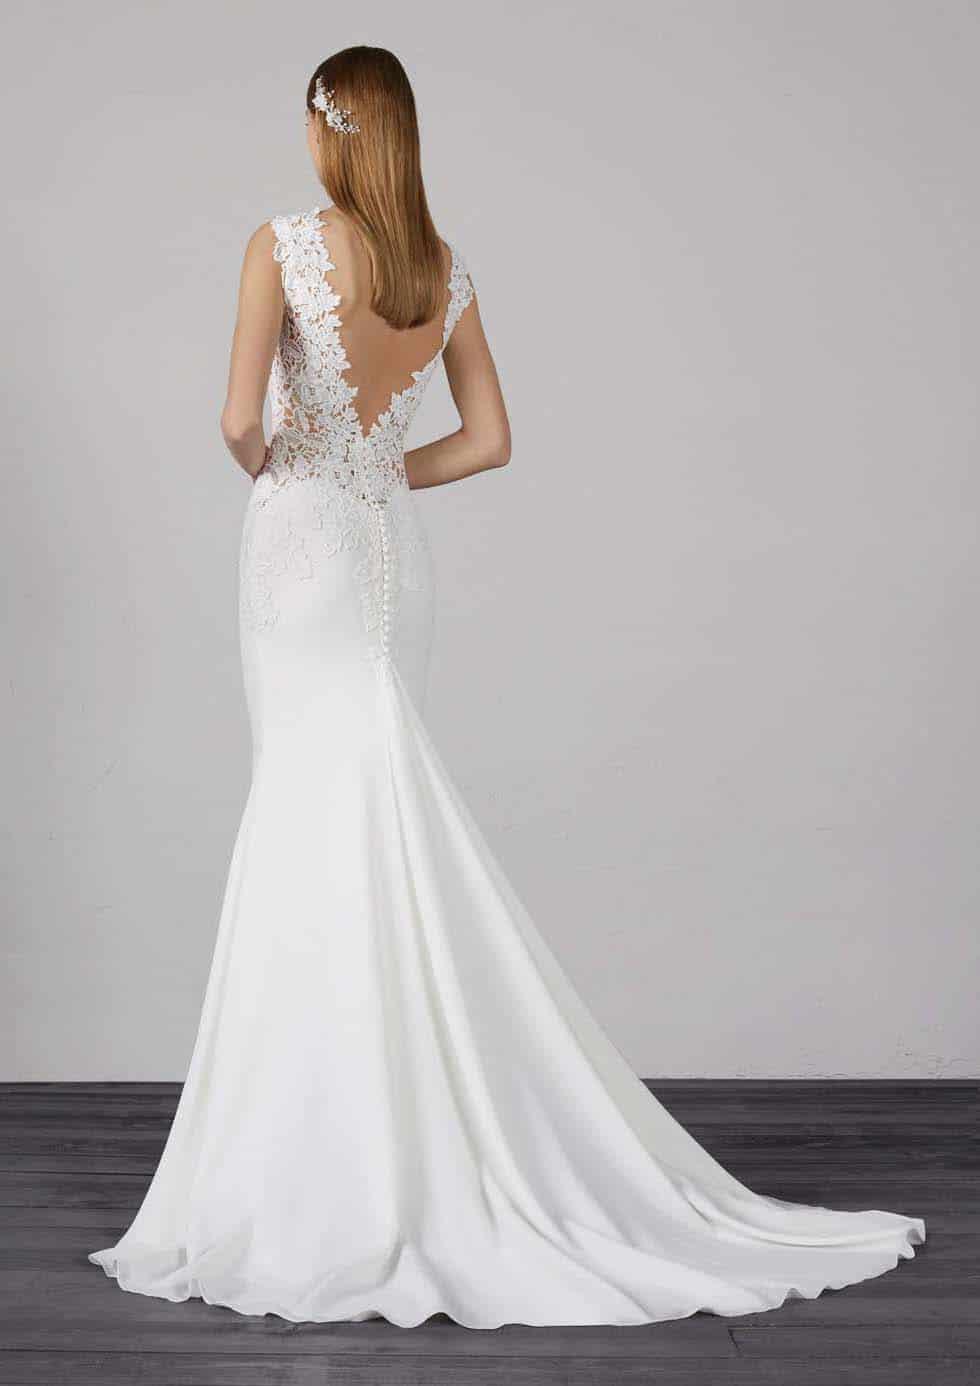 Brautkleid Stoffe: Leitfaden für den perfekten Stoff eures